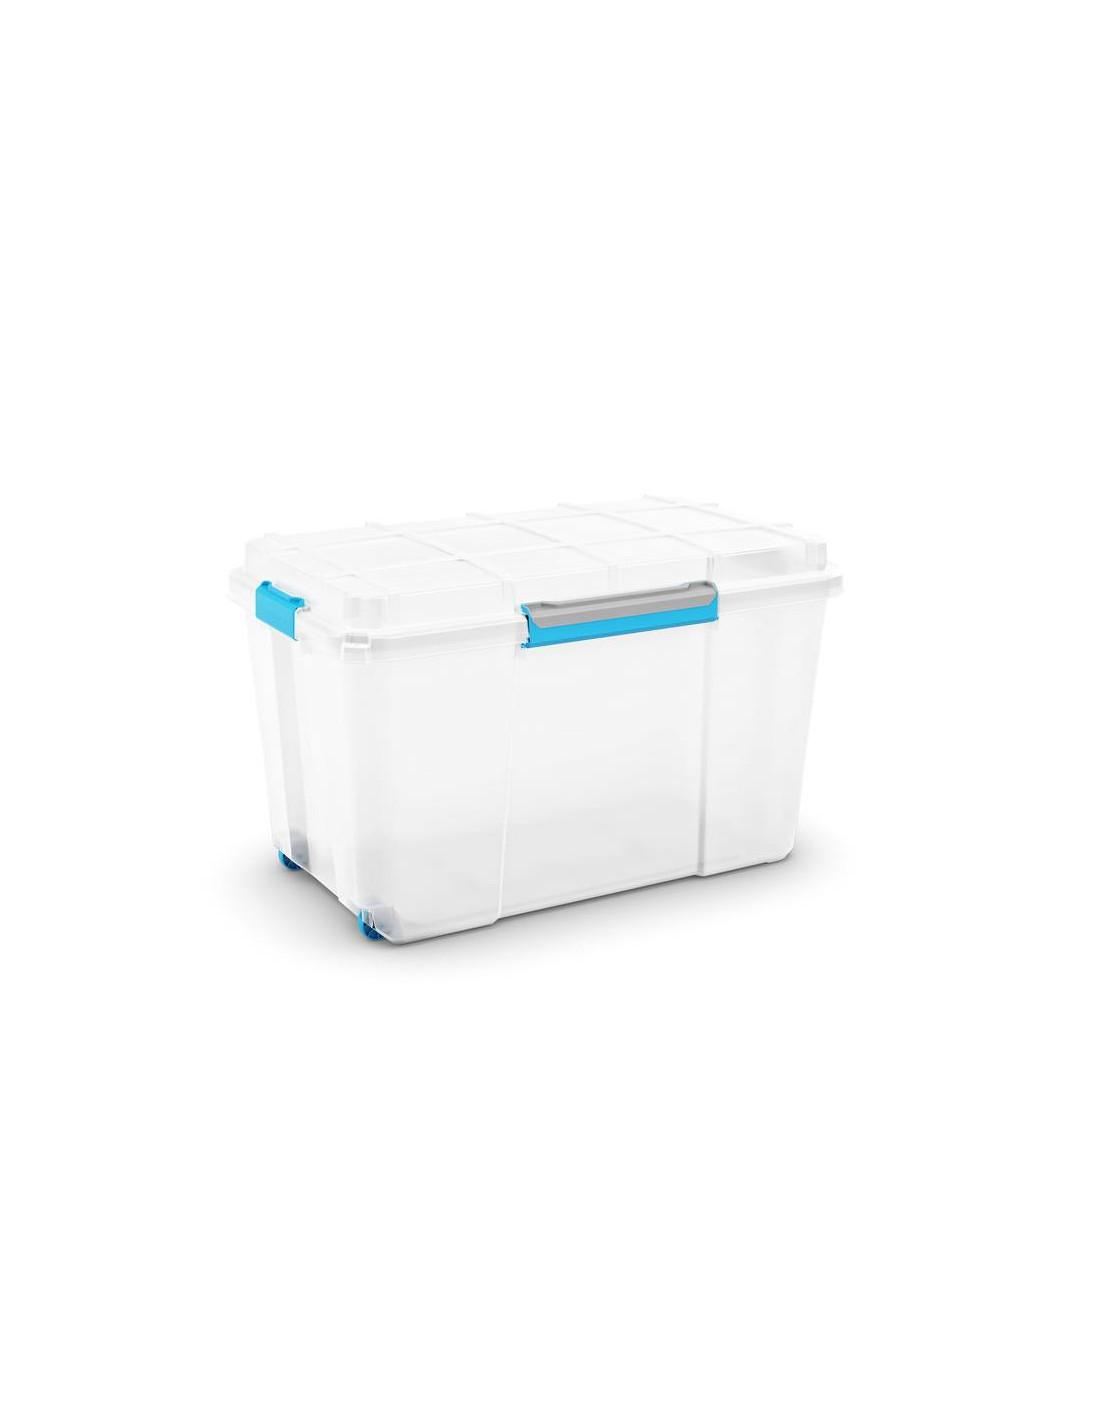 Boite Rangement Hermétique Cave kis boîte de rangement plastique scuba box xl transparent/bleu/gris 44,5 x  73,5 x 46 cm 110l